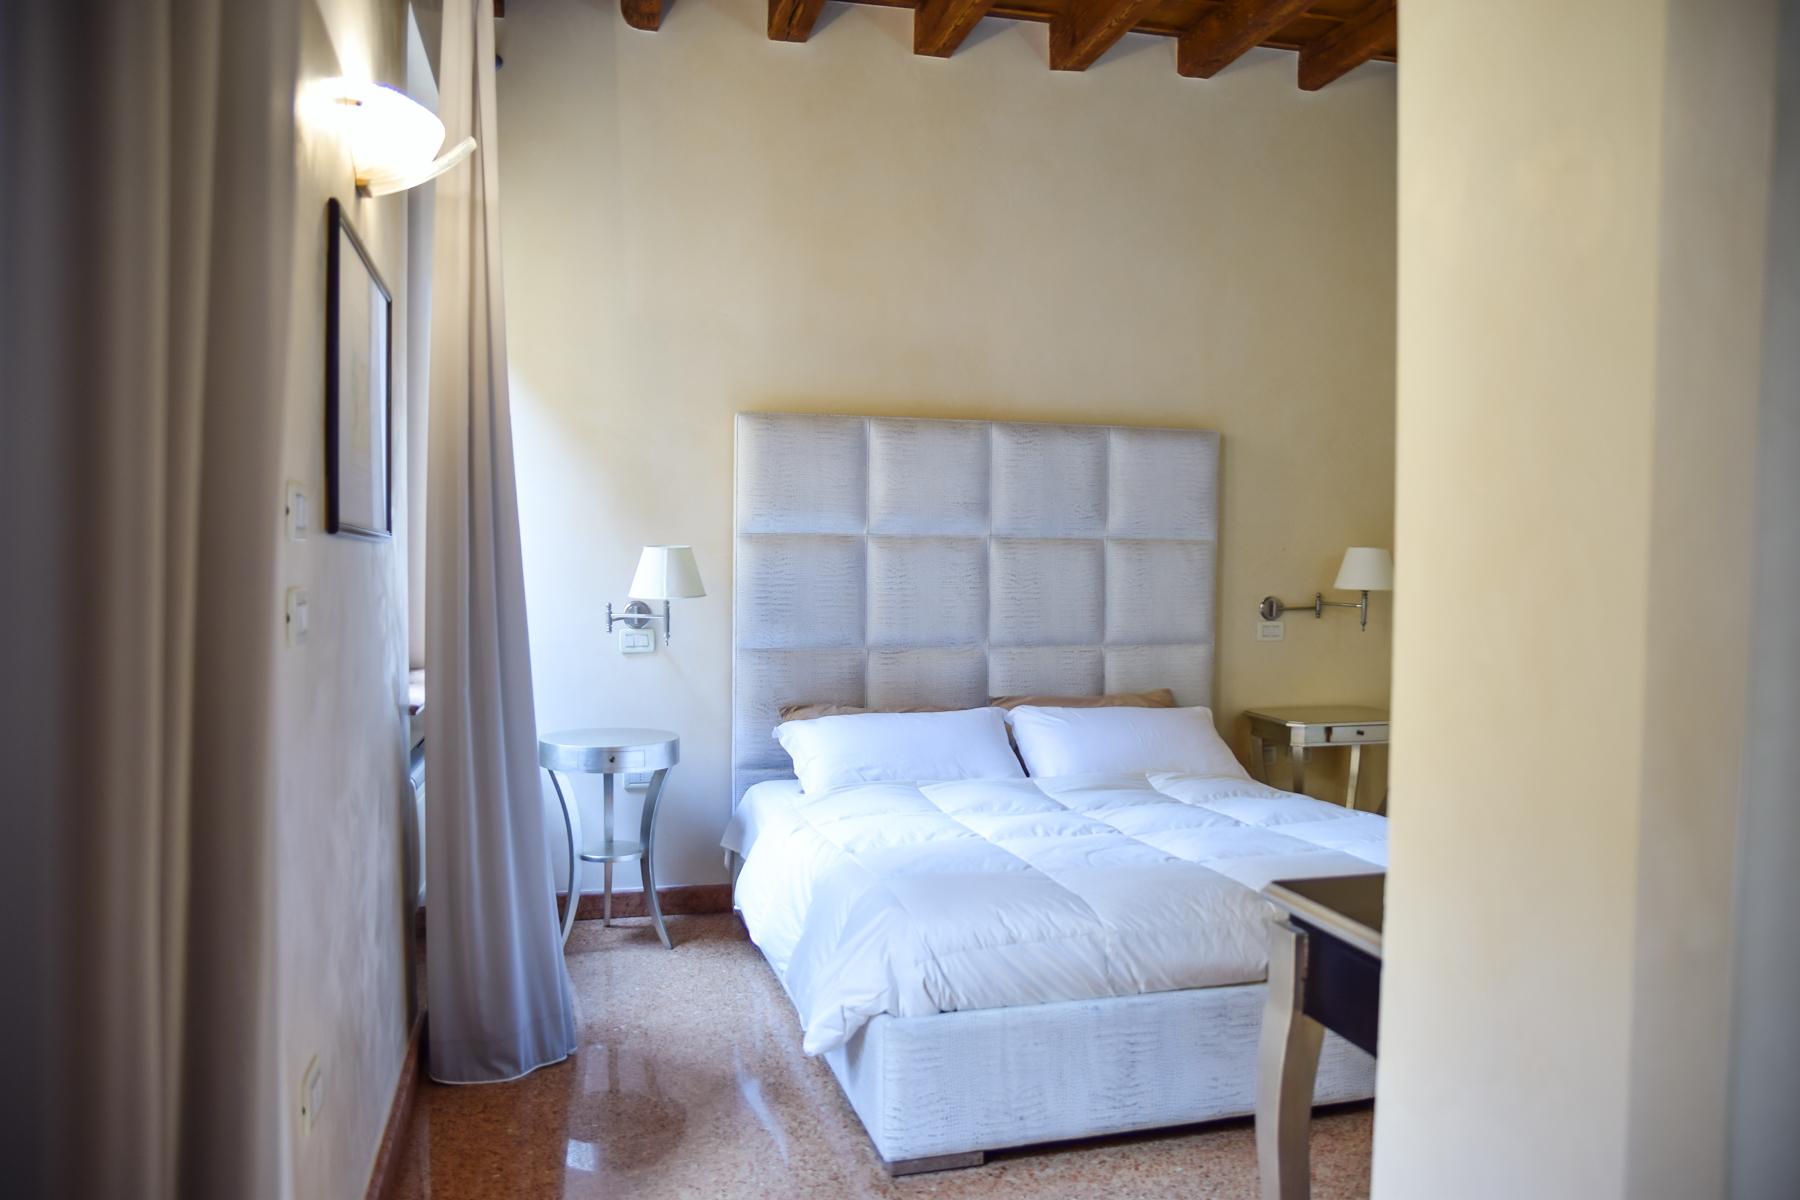 Appartamento in Vendita a Verona: 3 locali, 75 mq - Foto 8